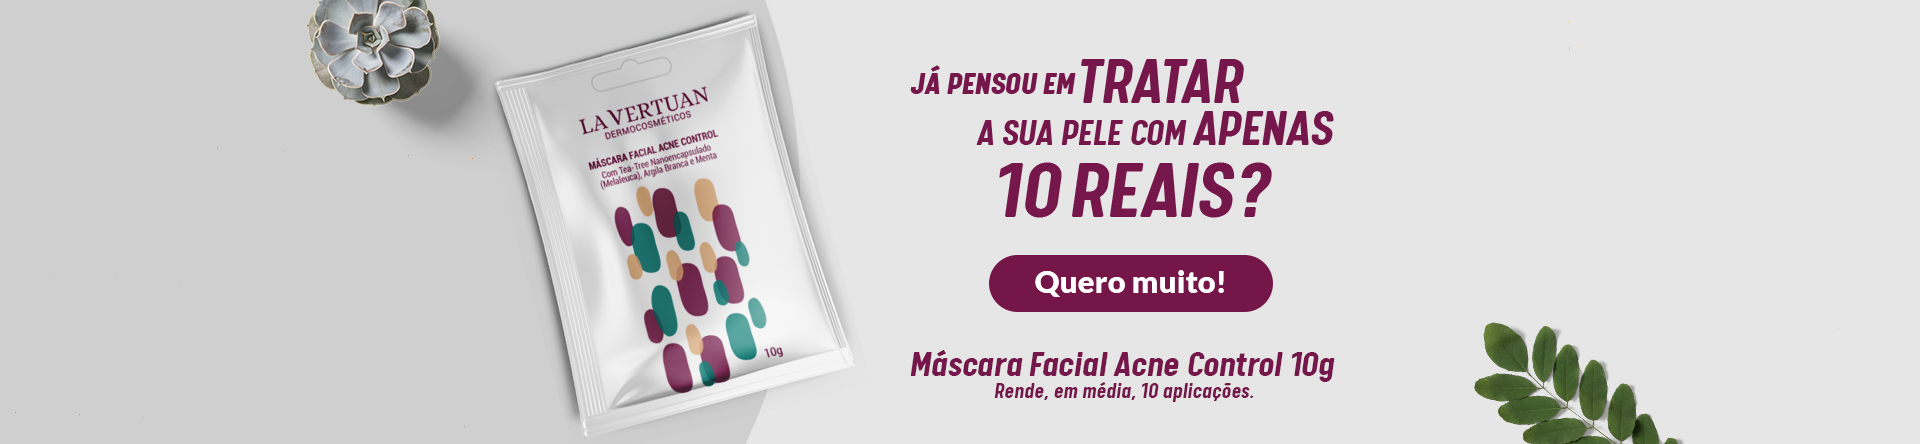 Sachê máscara facial acne control